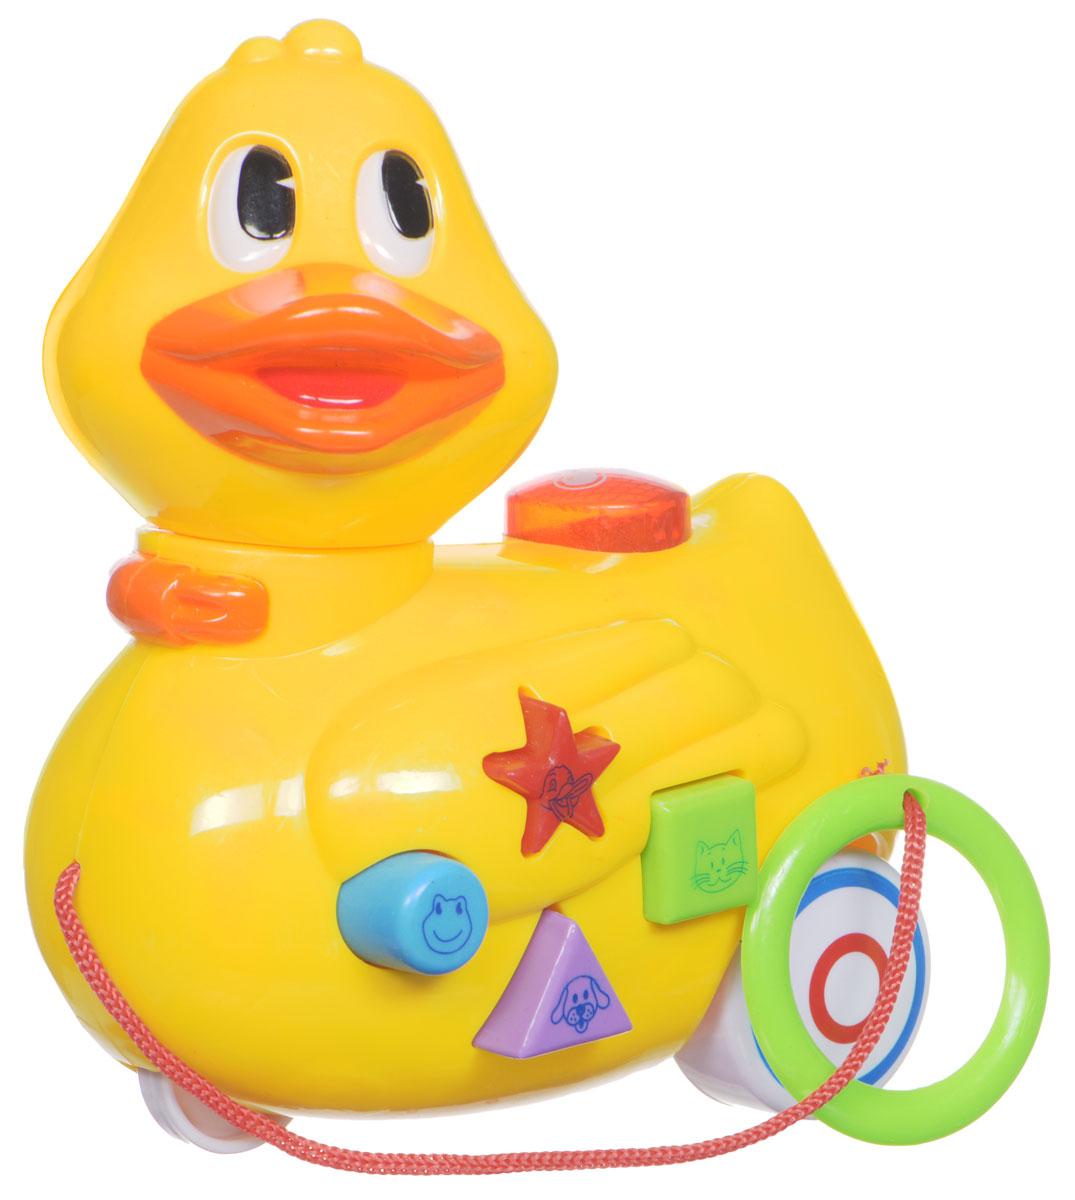 Mommy Love Игрушка-каталка Утенок211B_утенокИгрушка-каталка Mommy Love Утенок обязательно понравится вашему малышу. Изделие выполнено из высококачественного пластика, экологически безопасного для ребенка, использованные красители не токсичны. Игрушка яркая, разноцветная, она обязательно заинтересует ребенка. Снабжена световыми и звуковыми эффектами. Такая игрушка будет подталкивать ребенка больше ходить, развивает мелкую моторику, координацию движений, а также цветовое и звуковое восприятие. Рекомендуется докупить 2 батарейки типа АА (товар комплектуется демонстрационными).